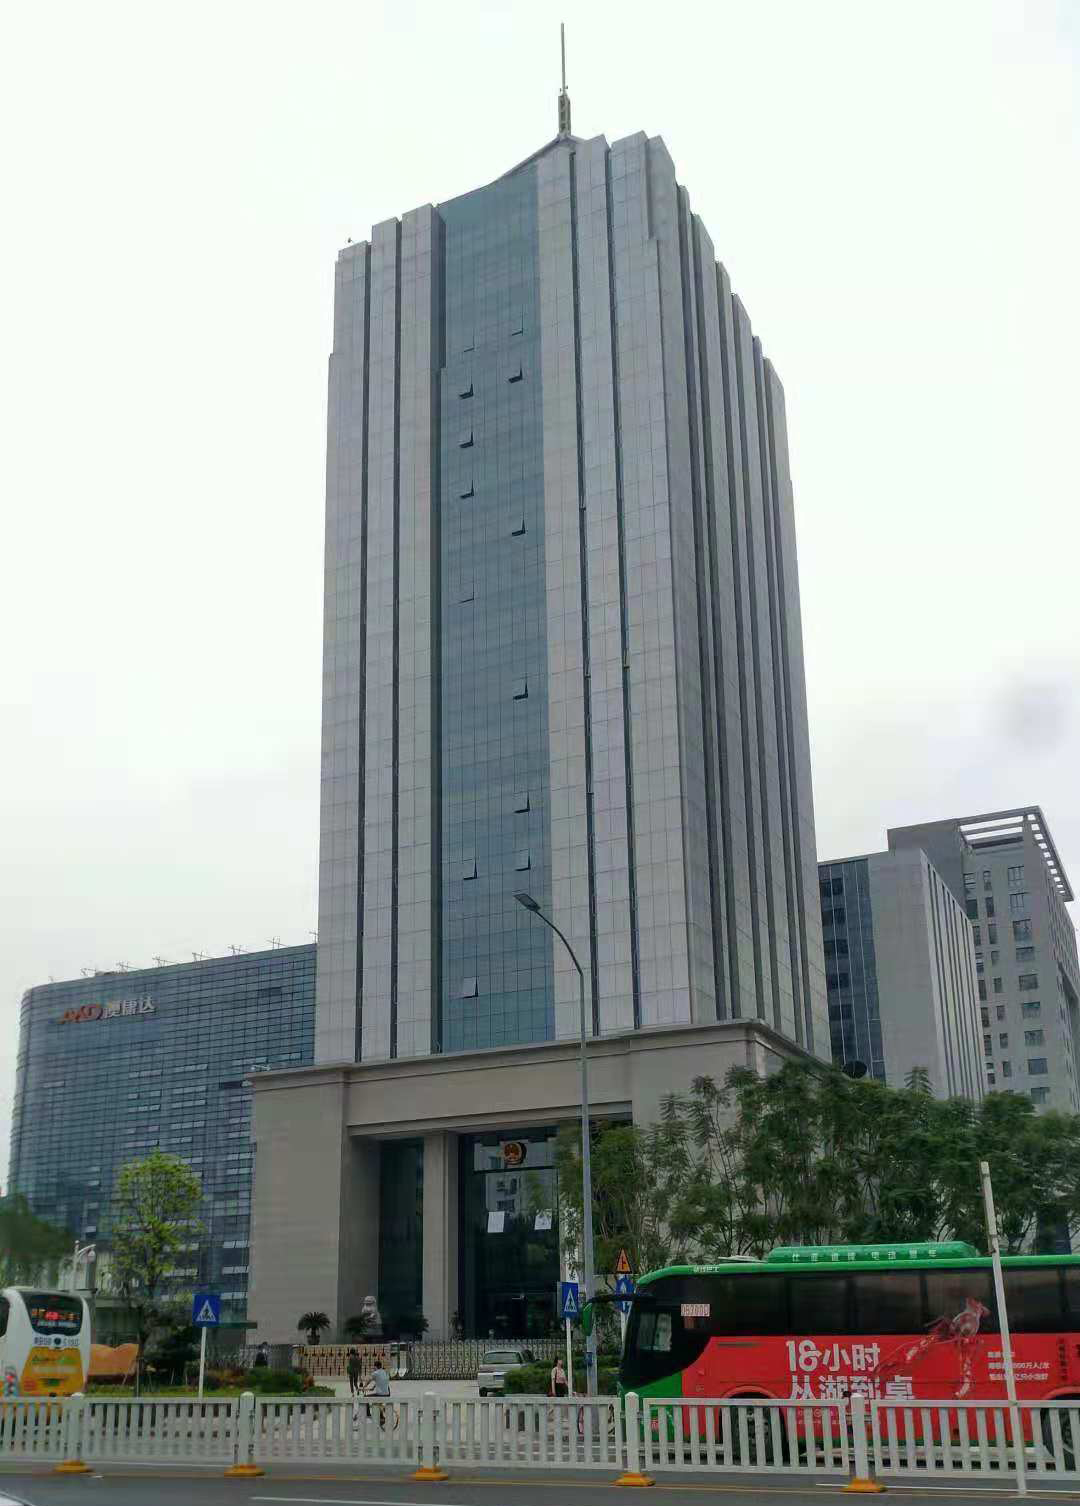 深圳市人民檢查院屏蔽機房項目采用維諦精密空調等